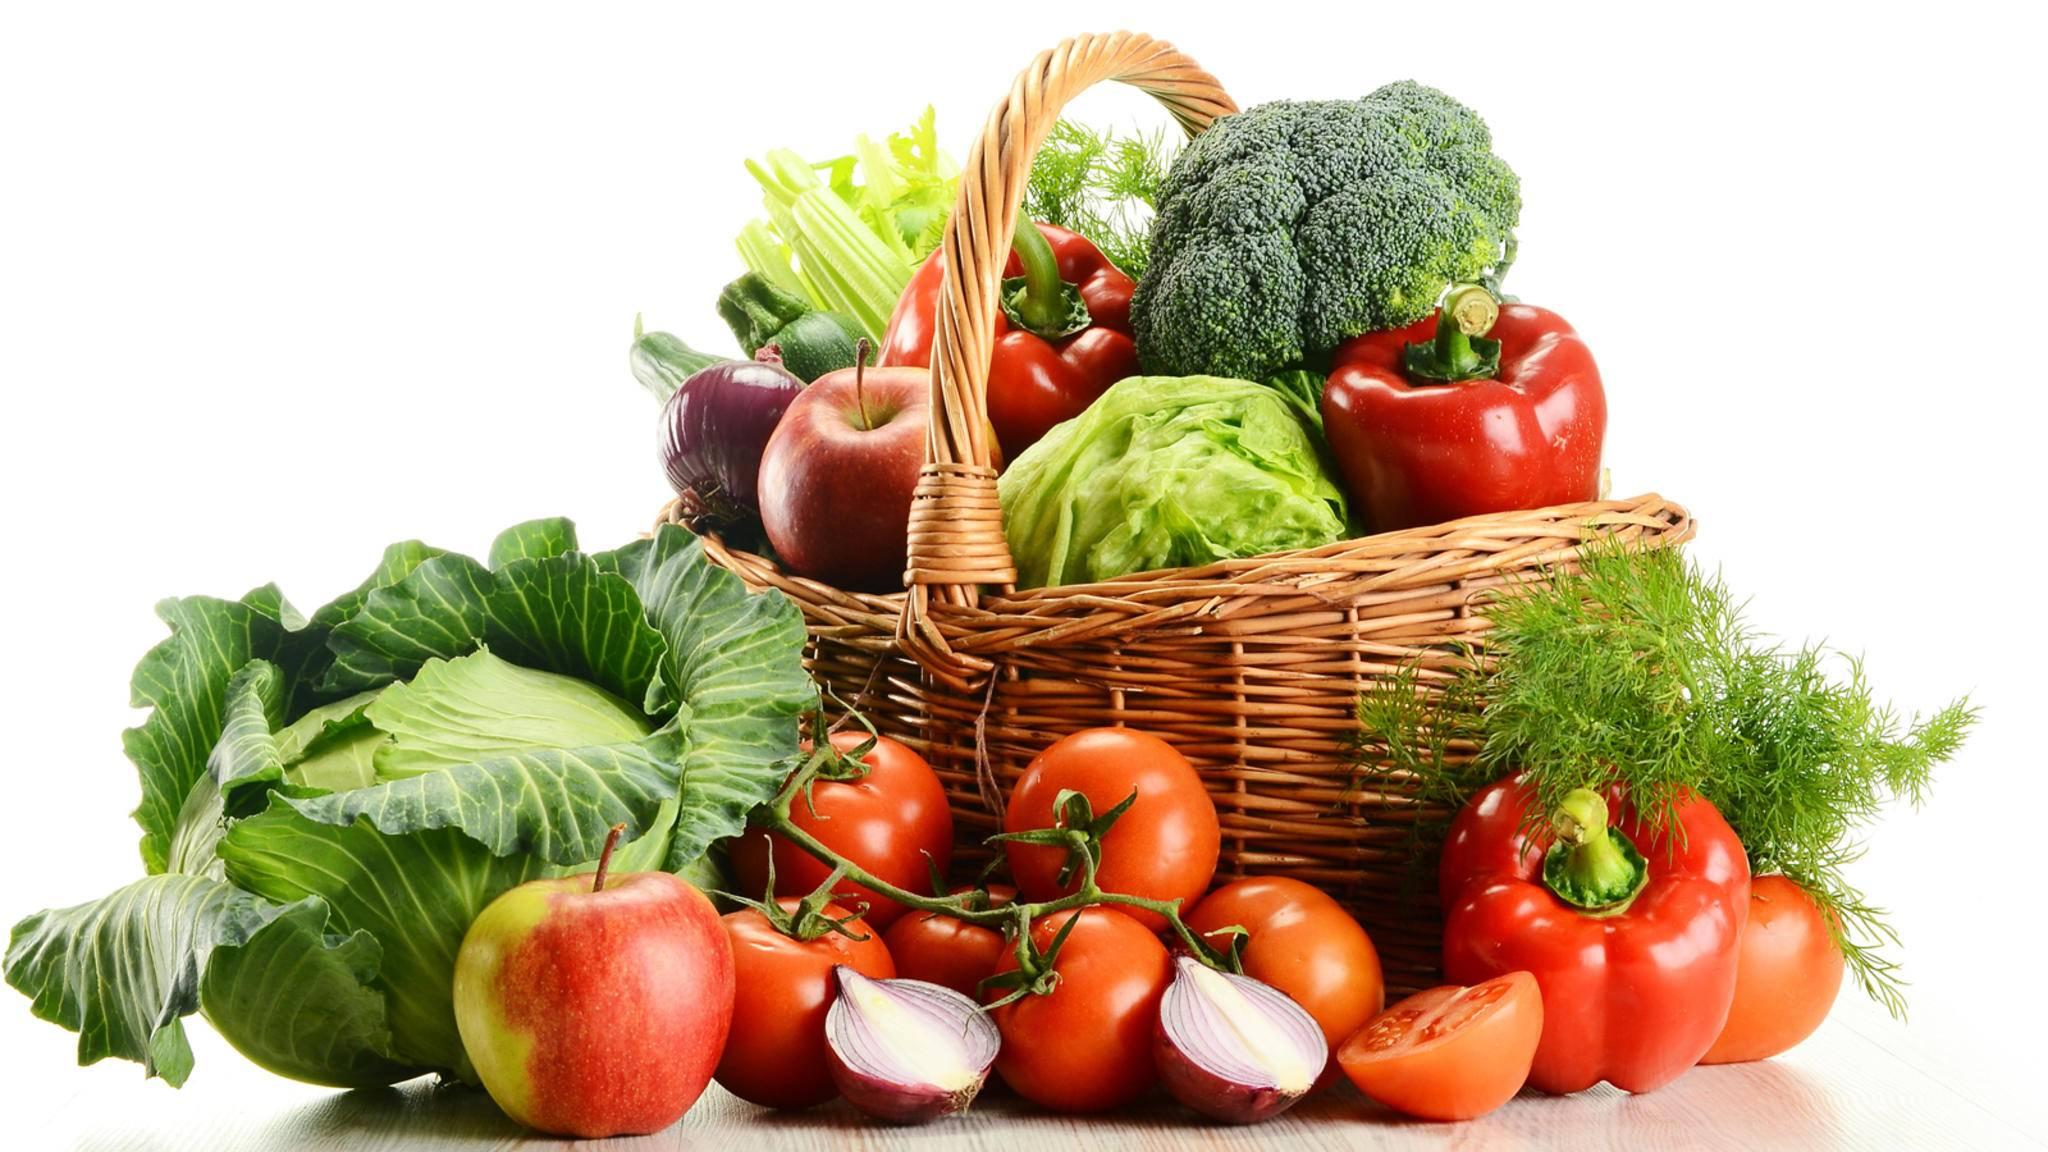 Für die wirklich gesunde Ernährung gilt nun die Faustregel: 10 statt 5 Portionen Obst und Gemüse am Tag.